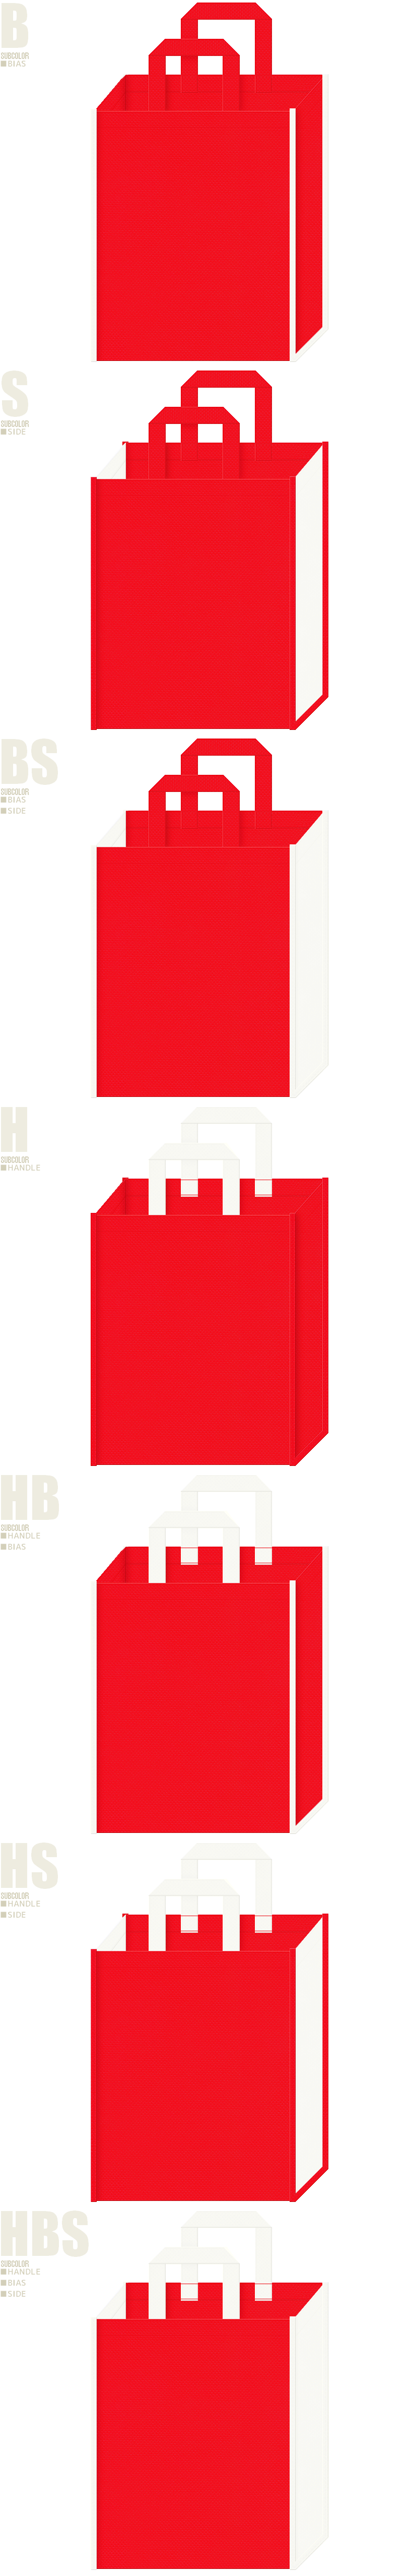 婚礼・お誕生日・ショートケーキ・サンタクロース・クリスマスにお奨めの不織布バッグデザイン:赤色とオフホワイト色の配色7パターン